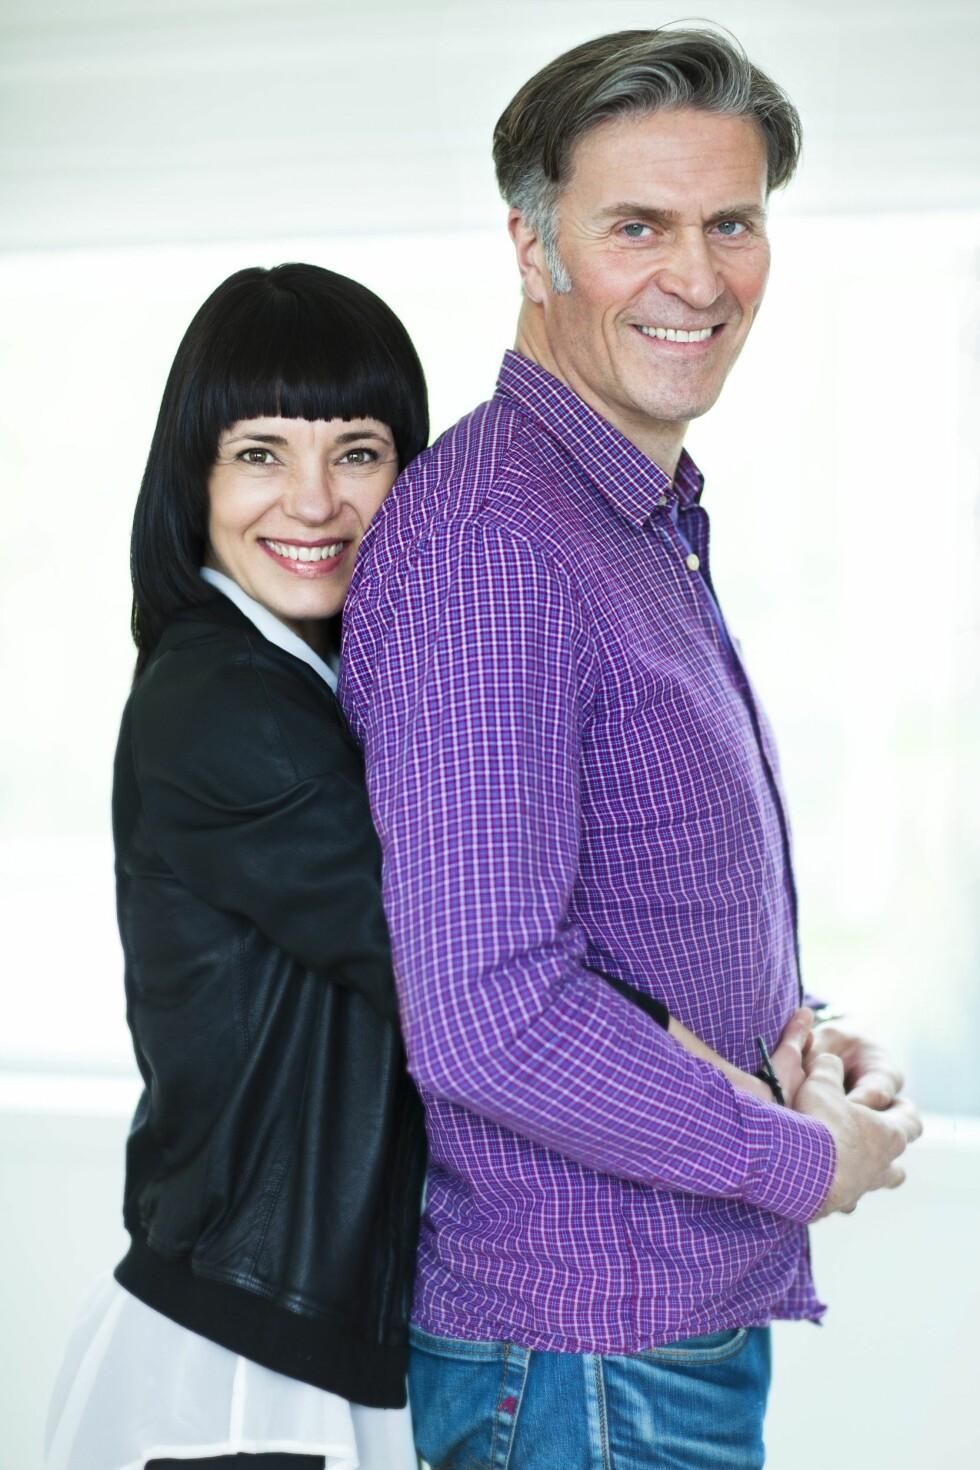 SAMMEN IGJEN: Pernilla Rosenquist og Einar Lie er lykkelige sammen - for tredje gang.  Foto: Astrie Waller